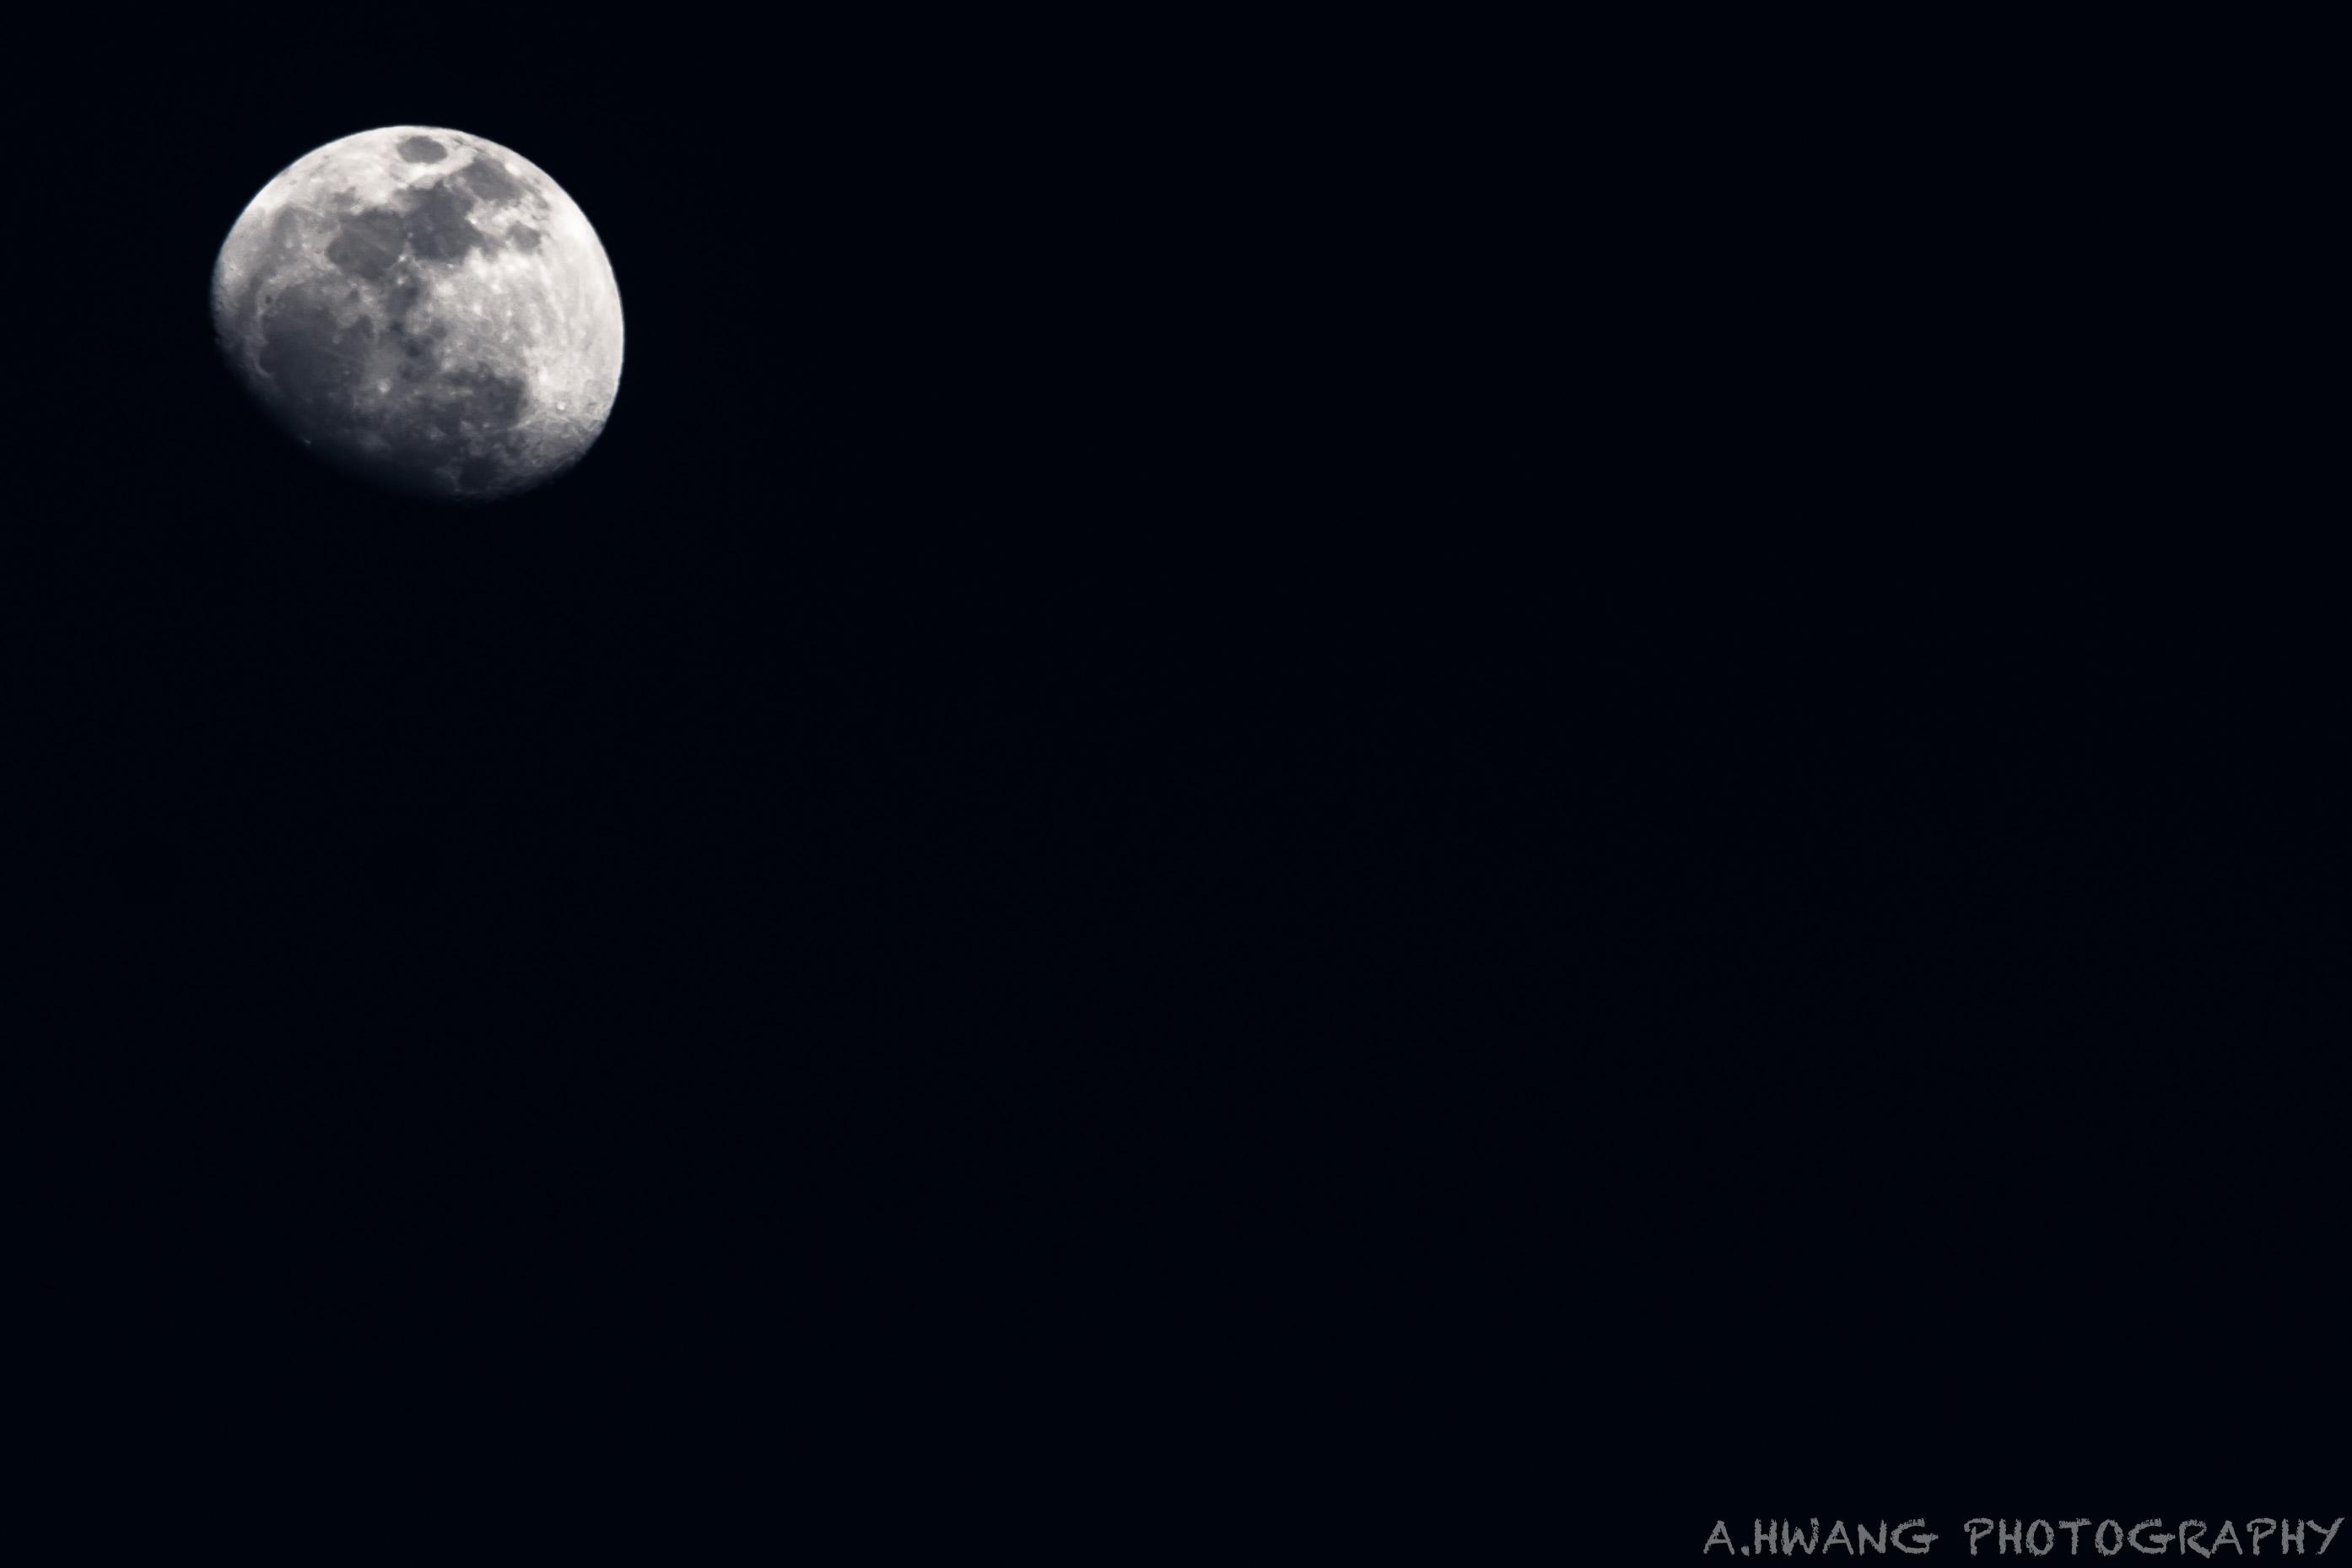 Full Moon in Leonardtown